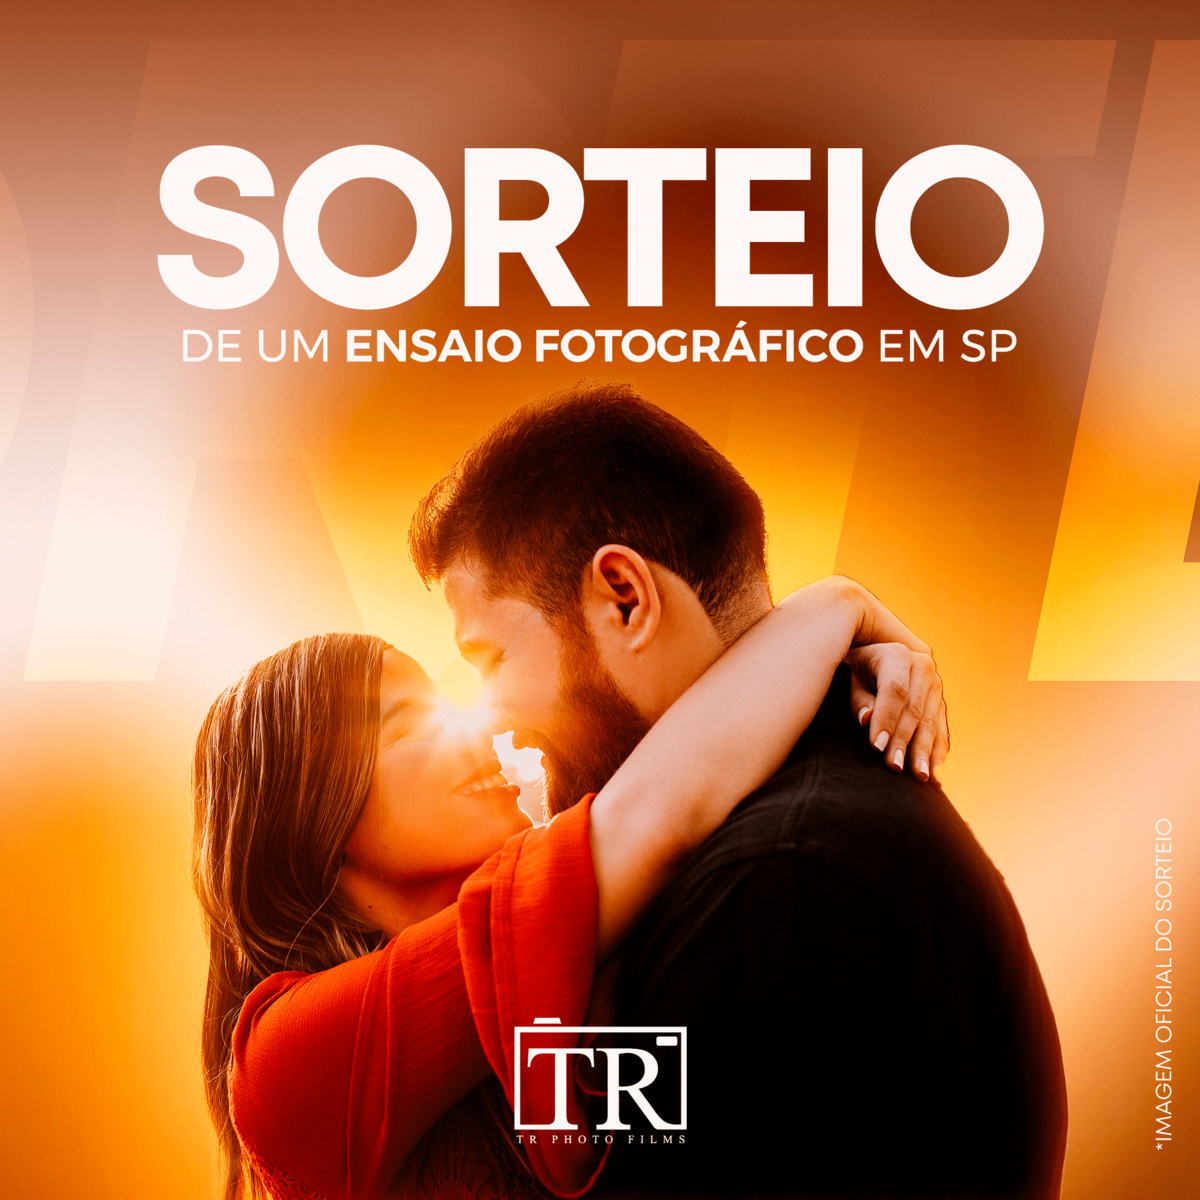 Imagem capa - Sorteio Ensaio Fotográfico em SP por TR PHOTO FILMS